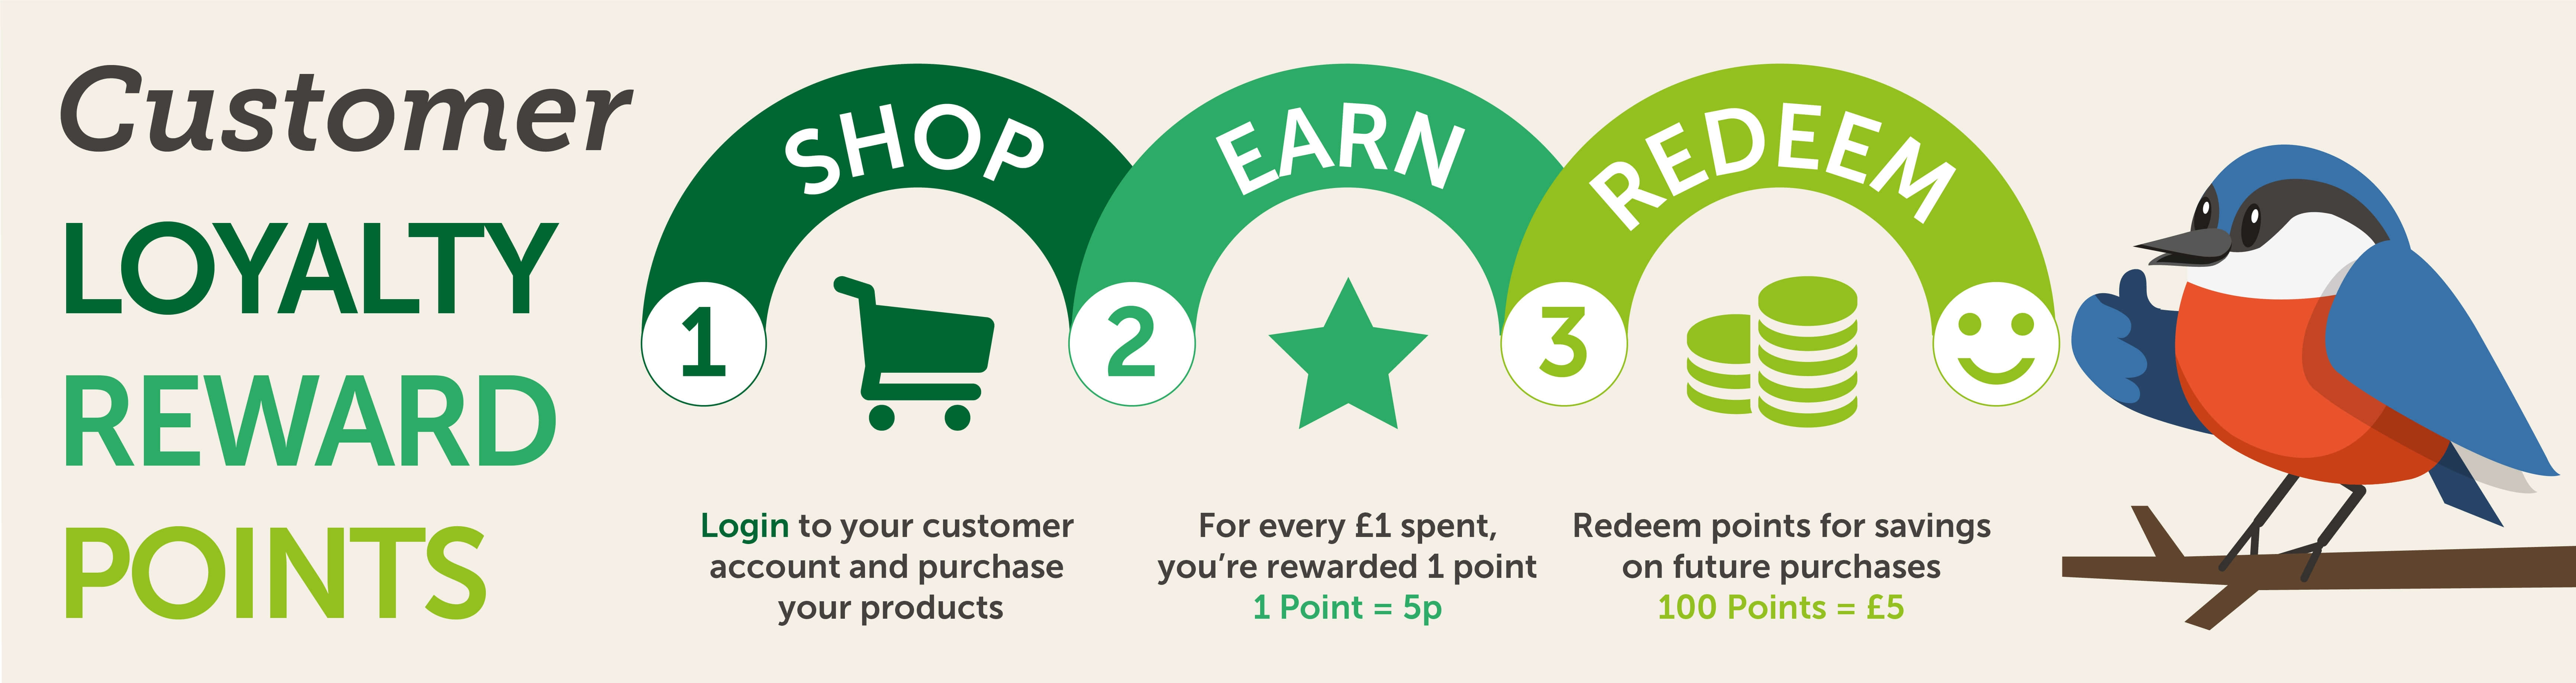 Garden Wildlife Direct Reward Points Scheme